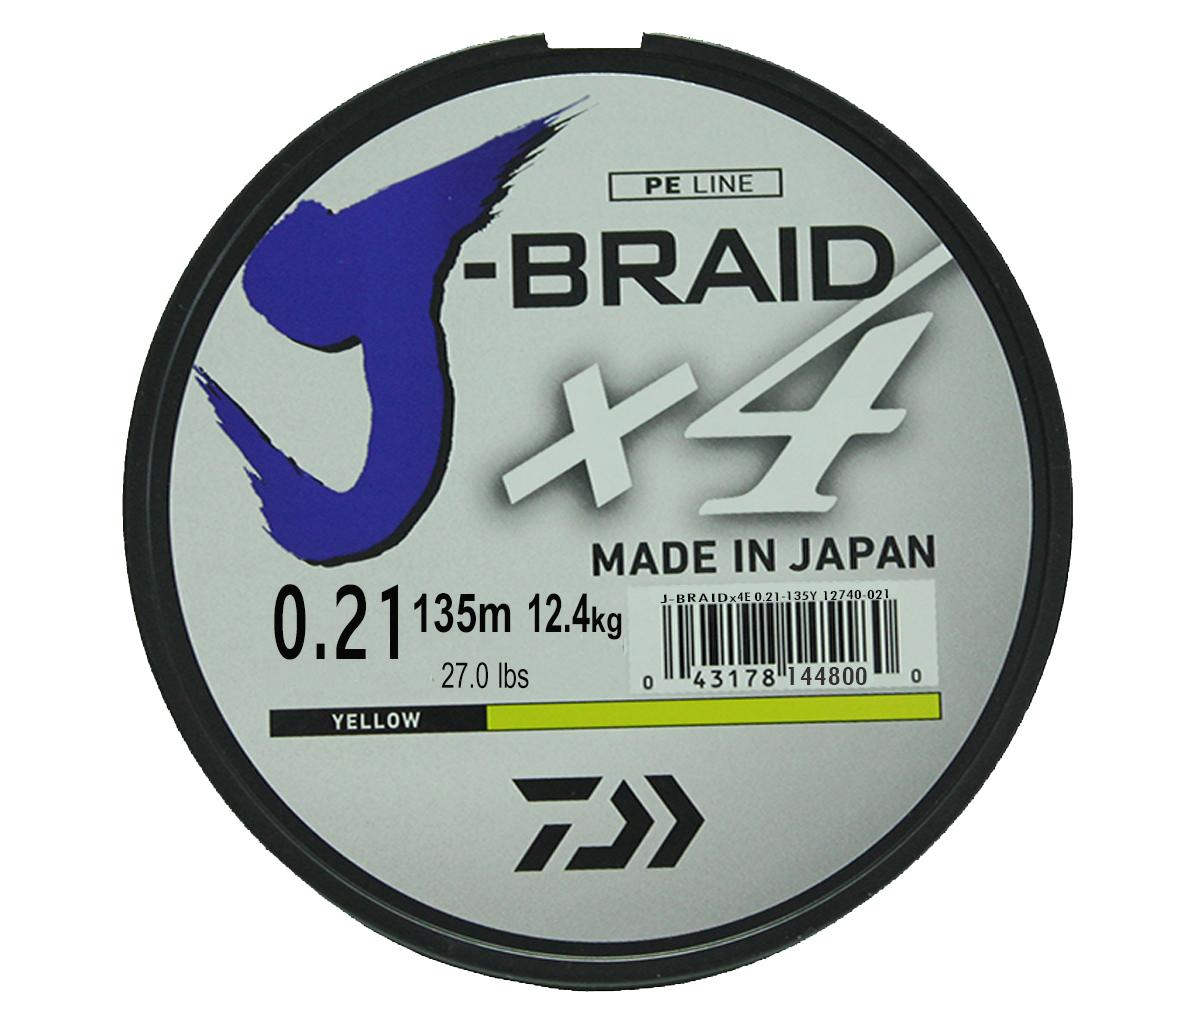 Шнур плетеный Daiwa J-Braid X4, цвет: флуоресцентный желтый, 135 м, 0,21 мм61141Новый четырехжильный шнур J-Braid от Daiwa - шнур высокого класса с удивительным соотношением цены и качества. Качество плетения полностью соответствует японским стандартам и удовлетворяет всем требованиям. Представленные диаметры позволяют использовать шнур для всех техник ловли, начиная от Ultra-Light ловли окуня, до морской ловли палтуса, трески и так далее.